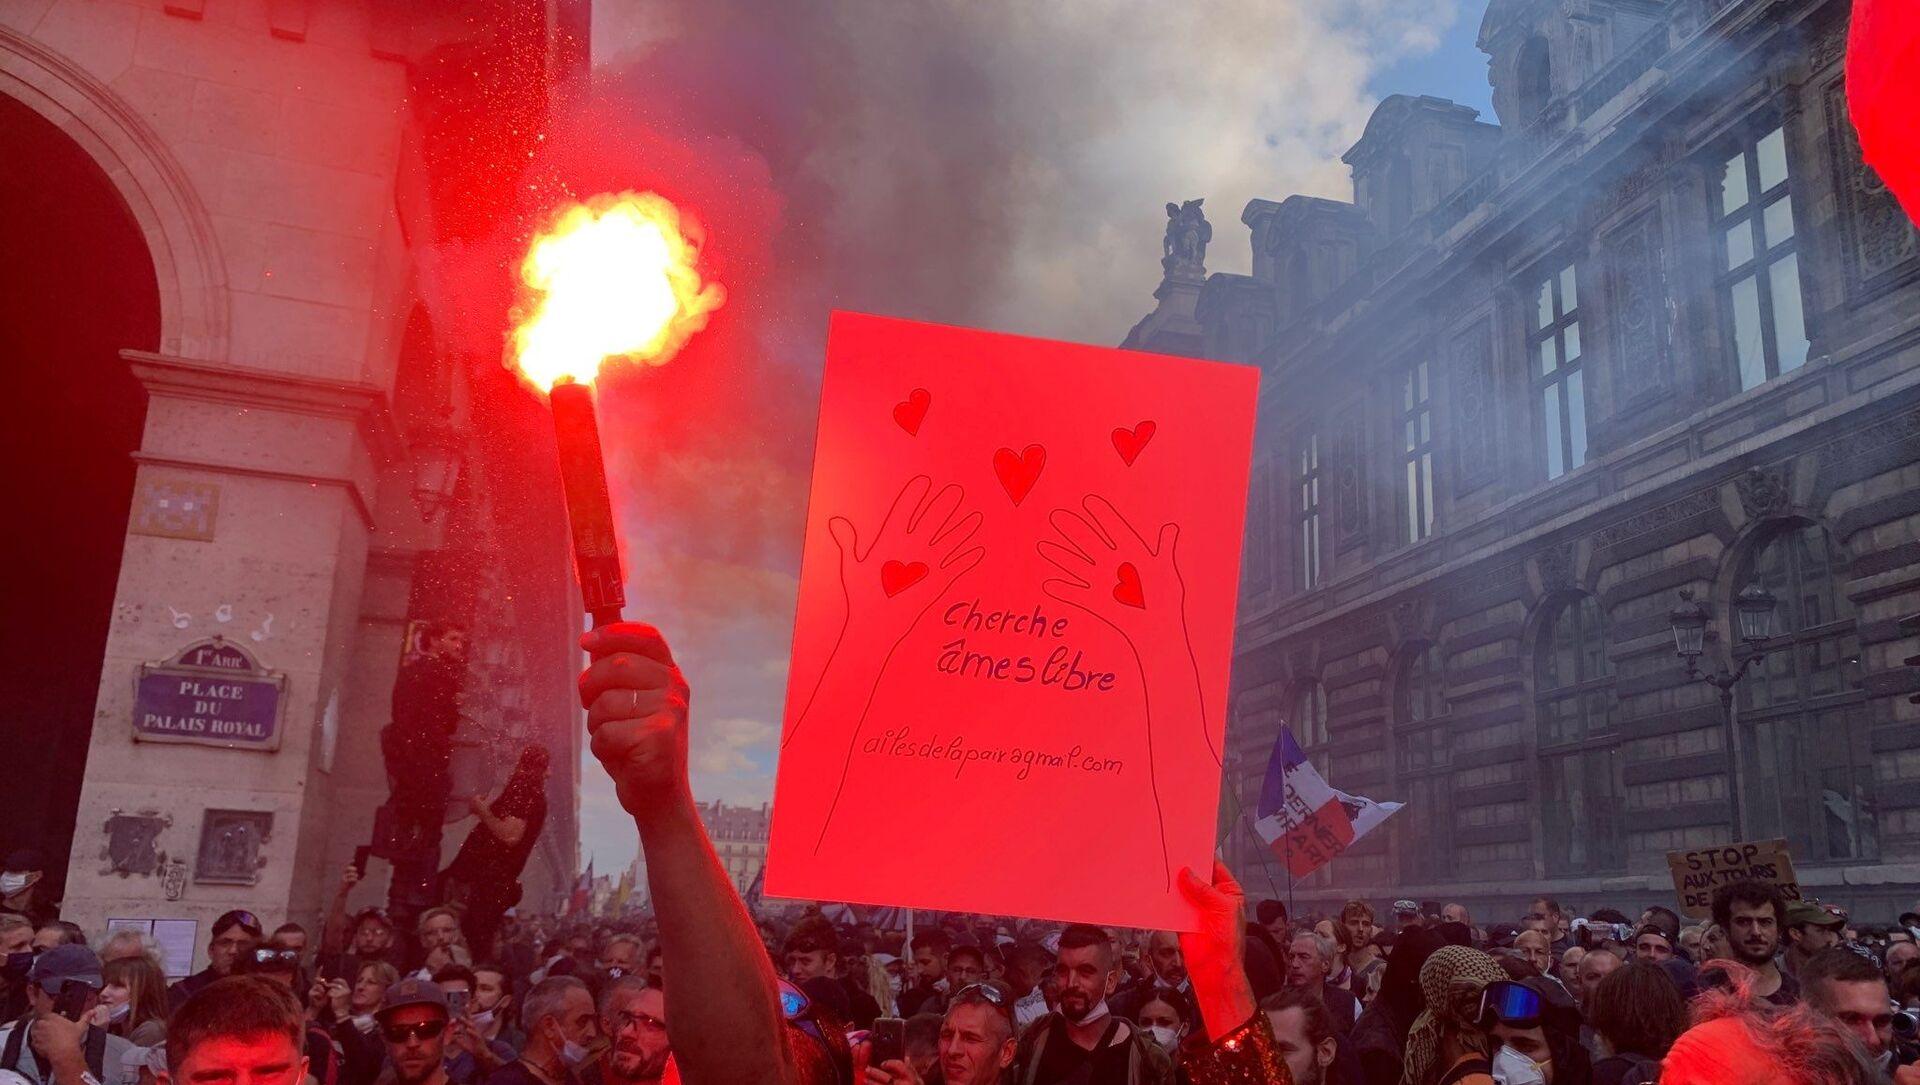 Neuvième week-end de mobilisation contre le pass sanitaire à Paris, le 11 septembre 2021 - Sputnik France, 1920, 11.09.2021